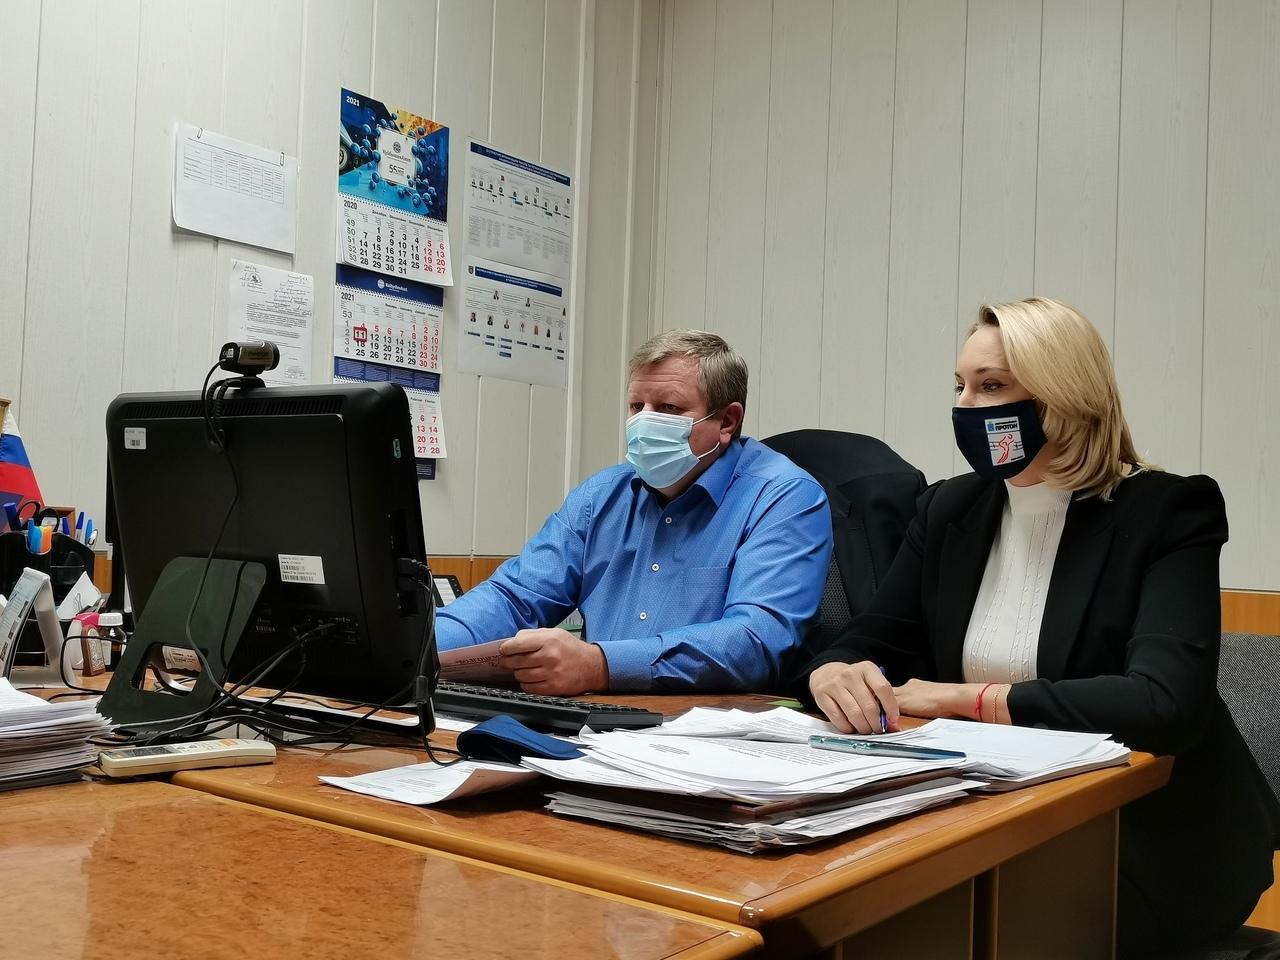 В Тольятти персоналу баров и ресторанов предложили сделать прививки от коронавируса